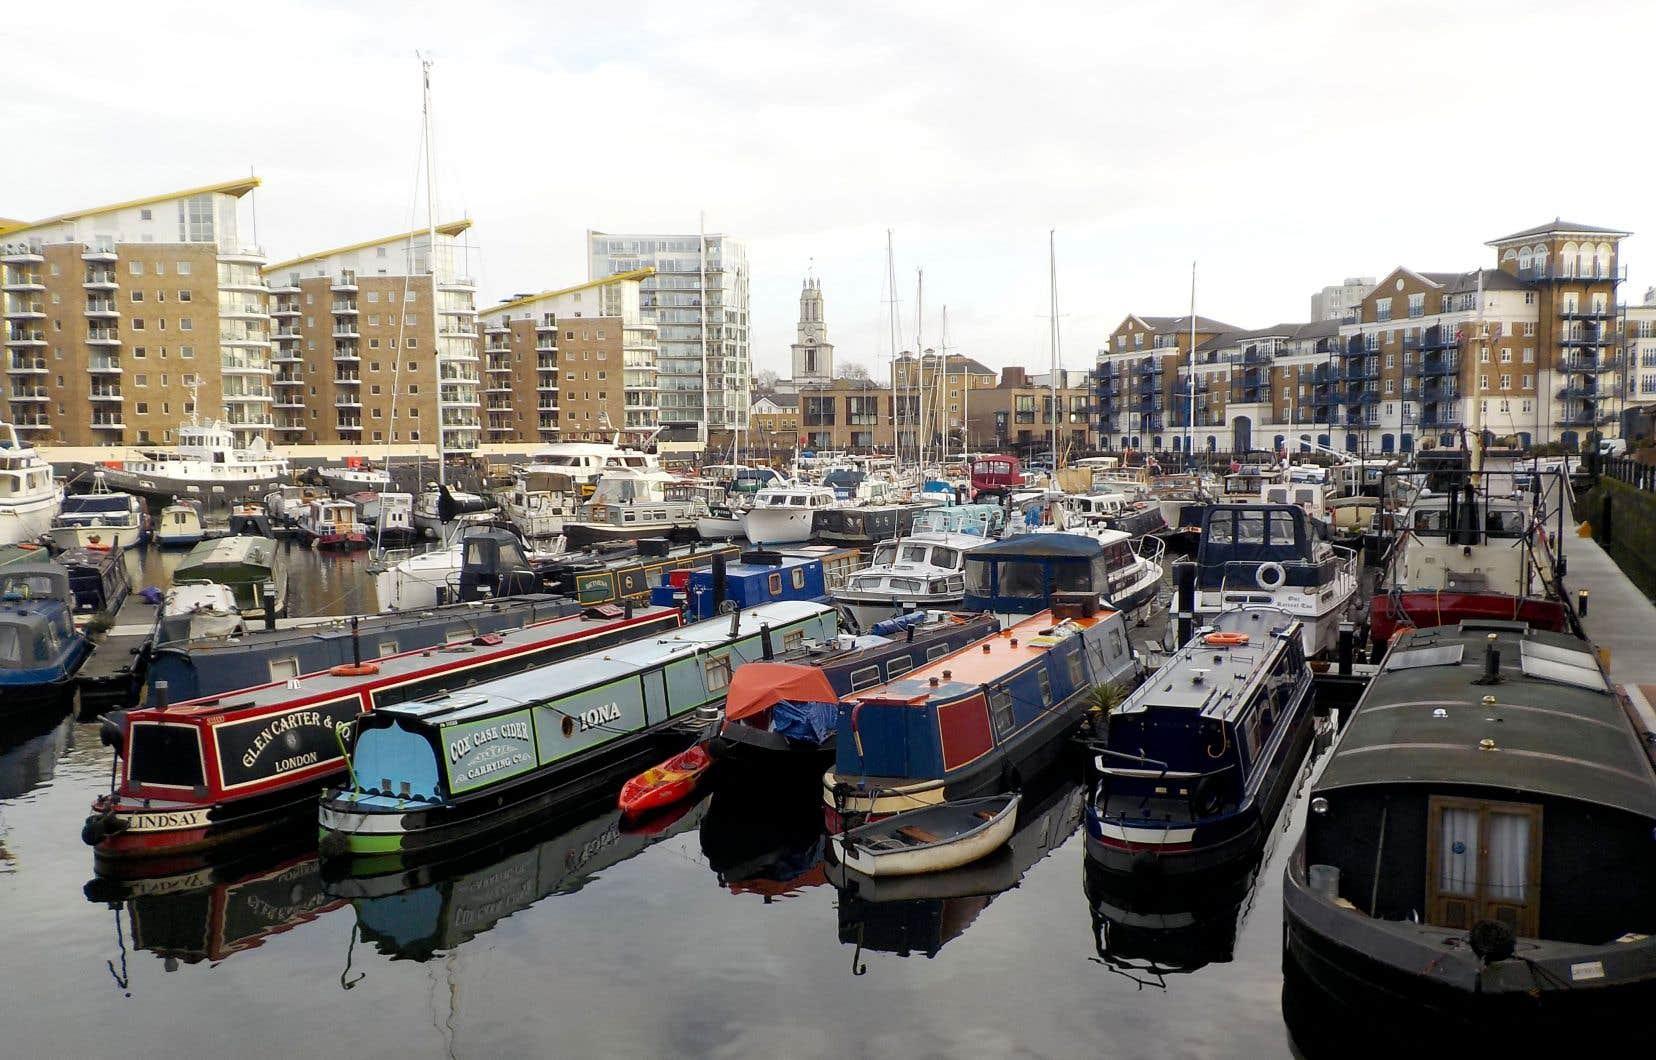 À Londres, un site d'amarrage permanent peut facilement coûter 12 000 livres sterling par année.